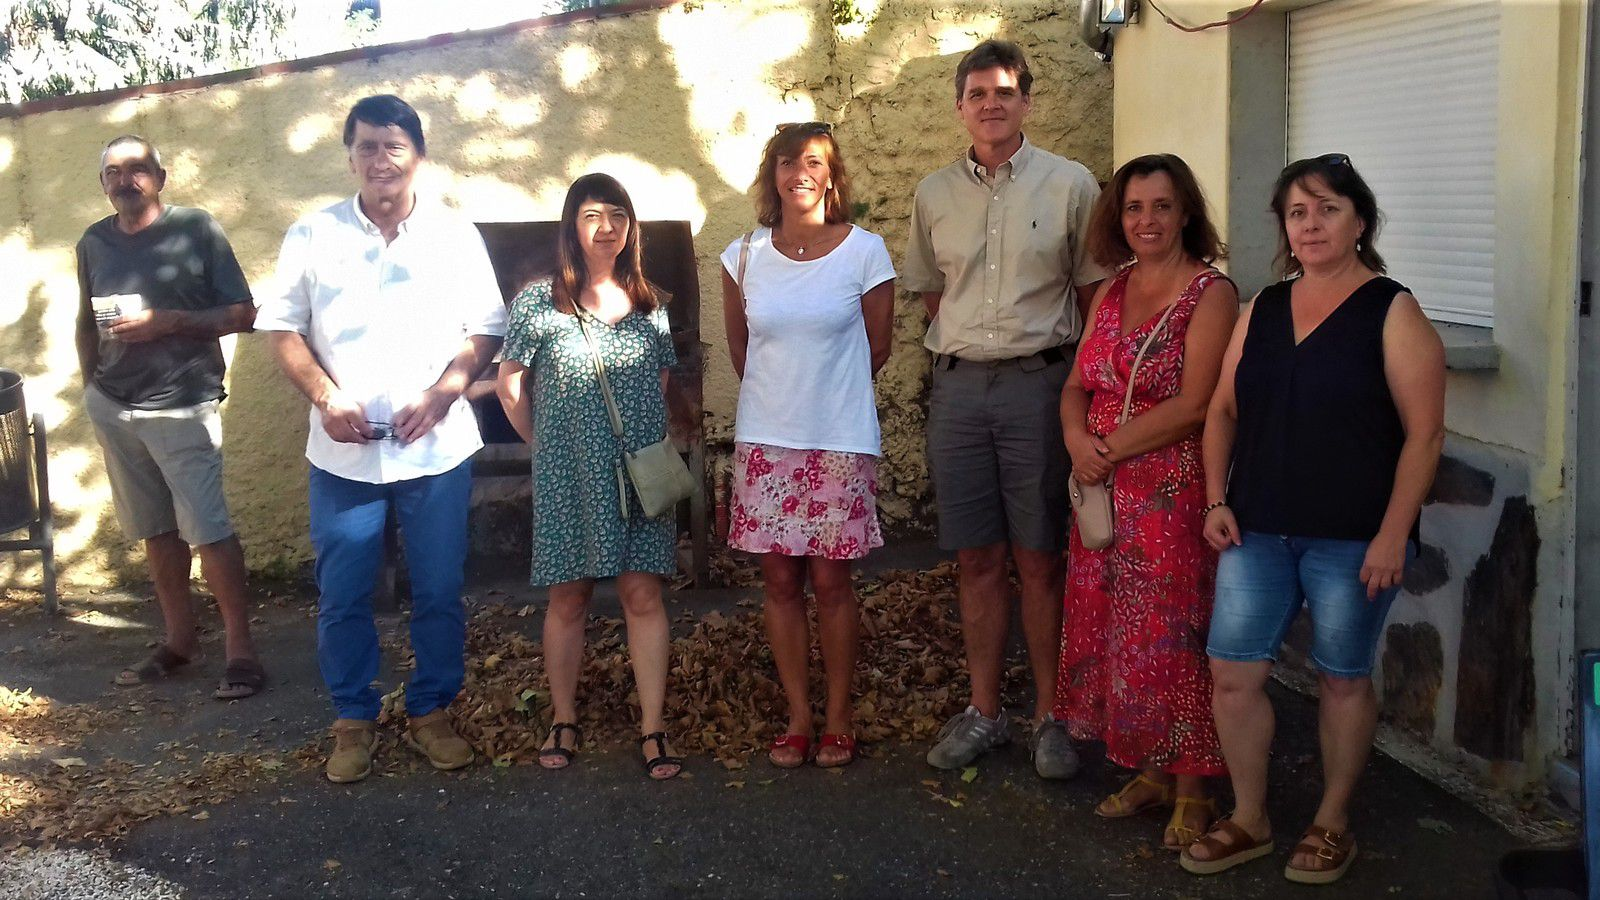 Une partie des élus Daniel Barbaro (maire),  Marie-Anne Martinez, Stéphanie Garrigues, Daniel Crosby, Djamila Lagder, Cécile Burblis.